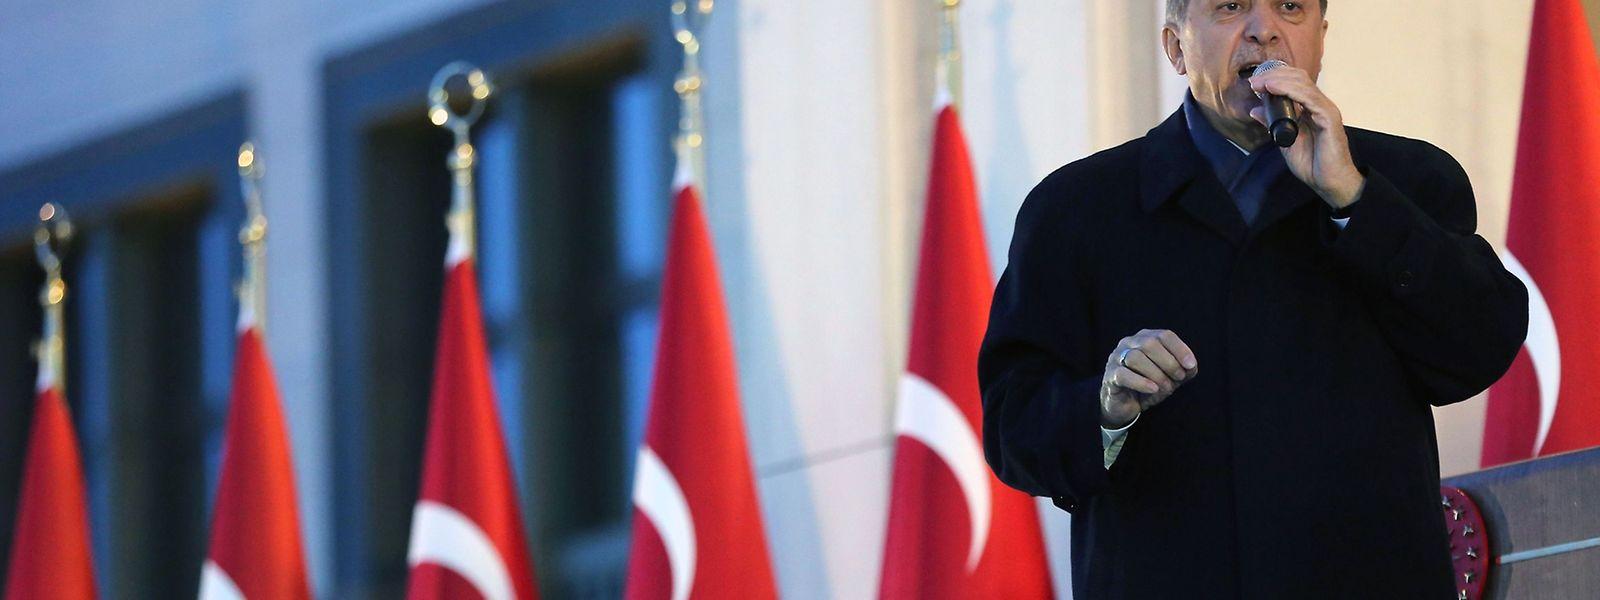 Mehr Macht: Der türkische Präsident Erdogan nach dem Referendum.